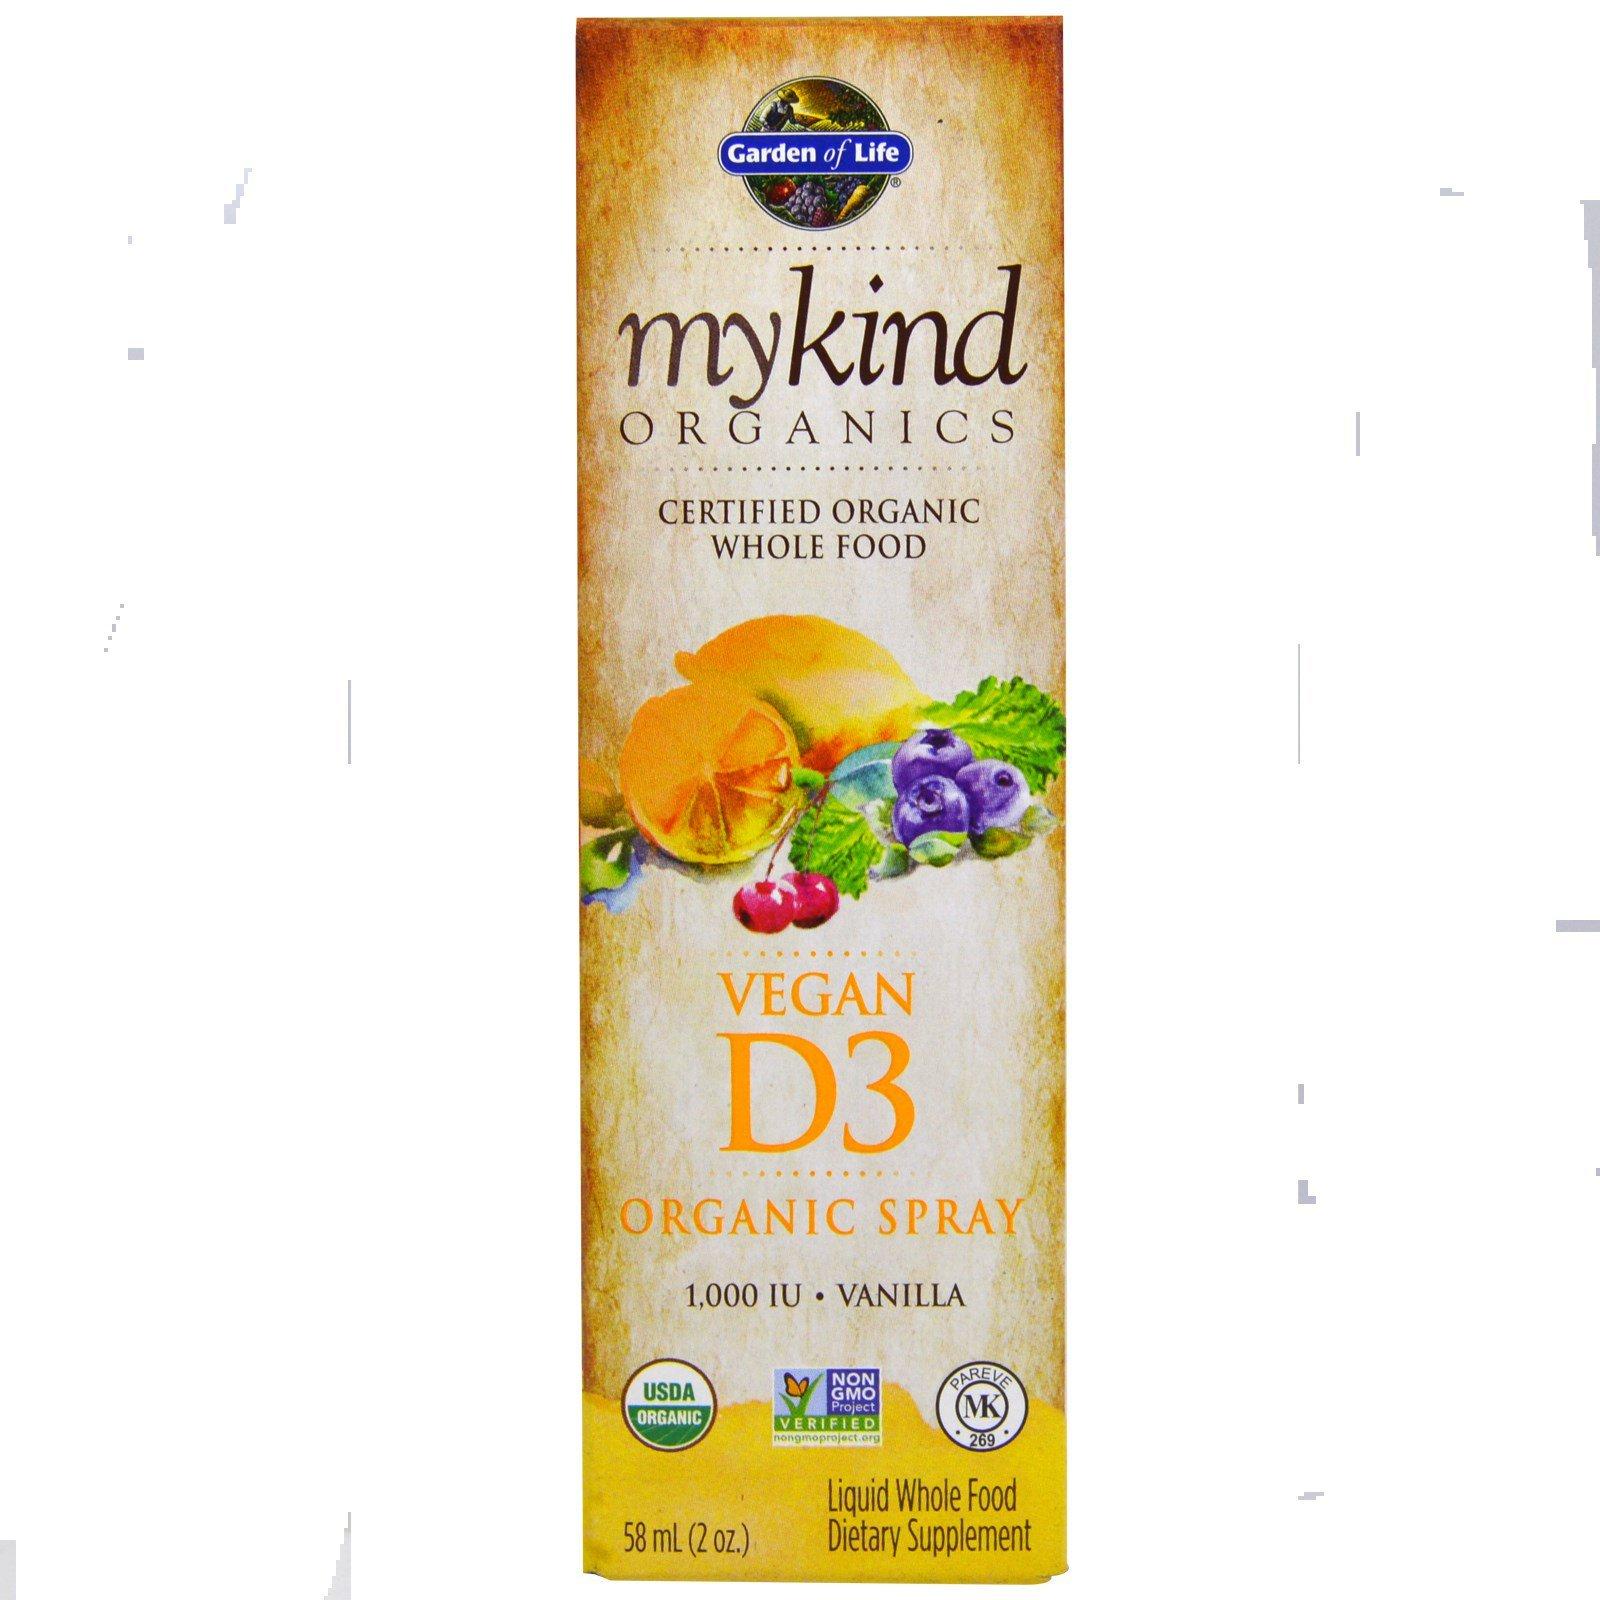 Garden of Life, MyKind Organics, Vegan D3, Vanilla Spray, 1,000 IU, 2 oz (58 ml)